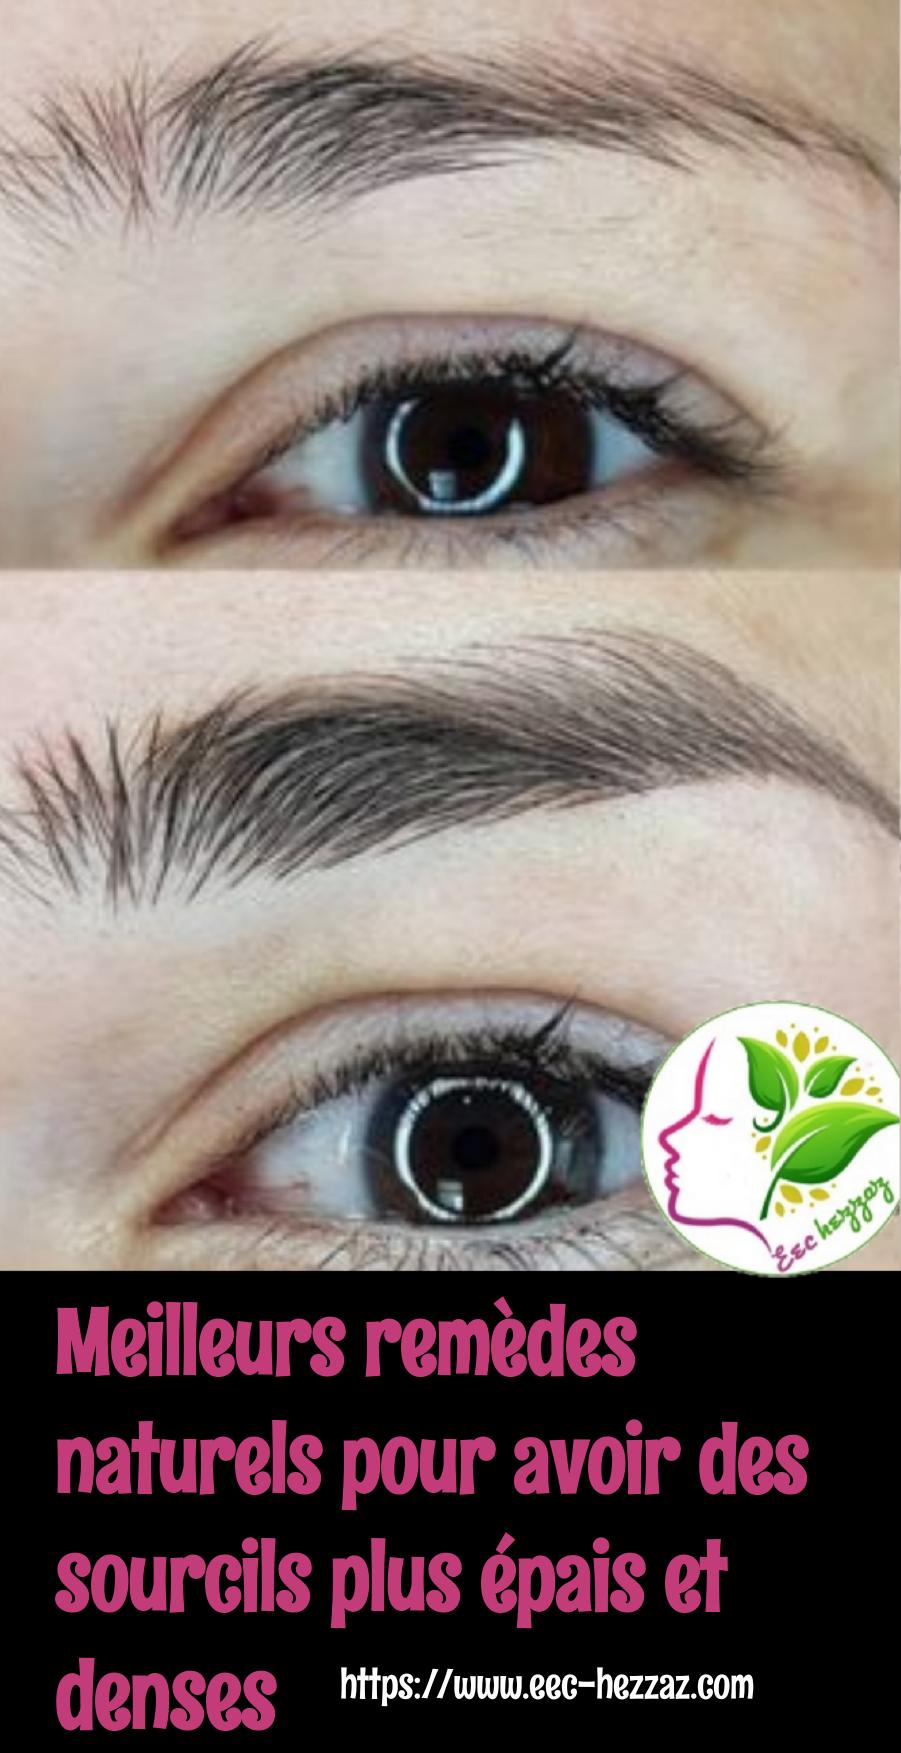 Meilleurs remèdes naturels pour avoir des sourcils plus épais et denses